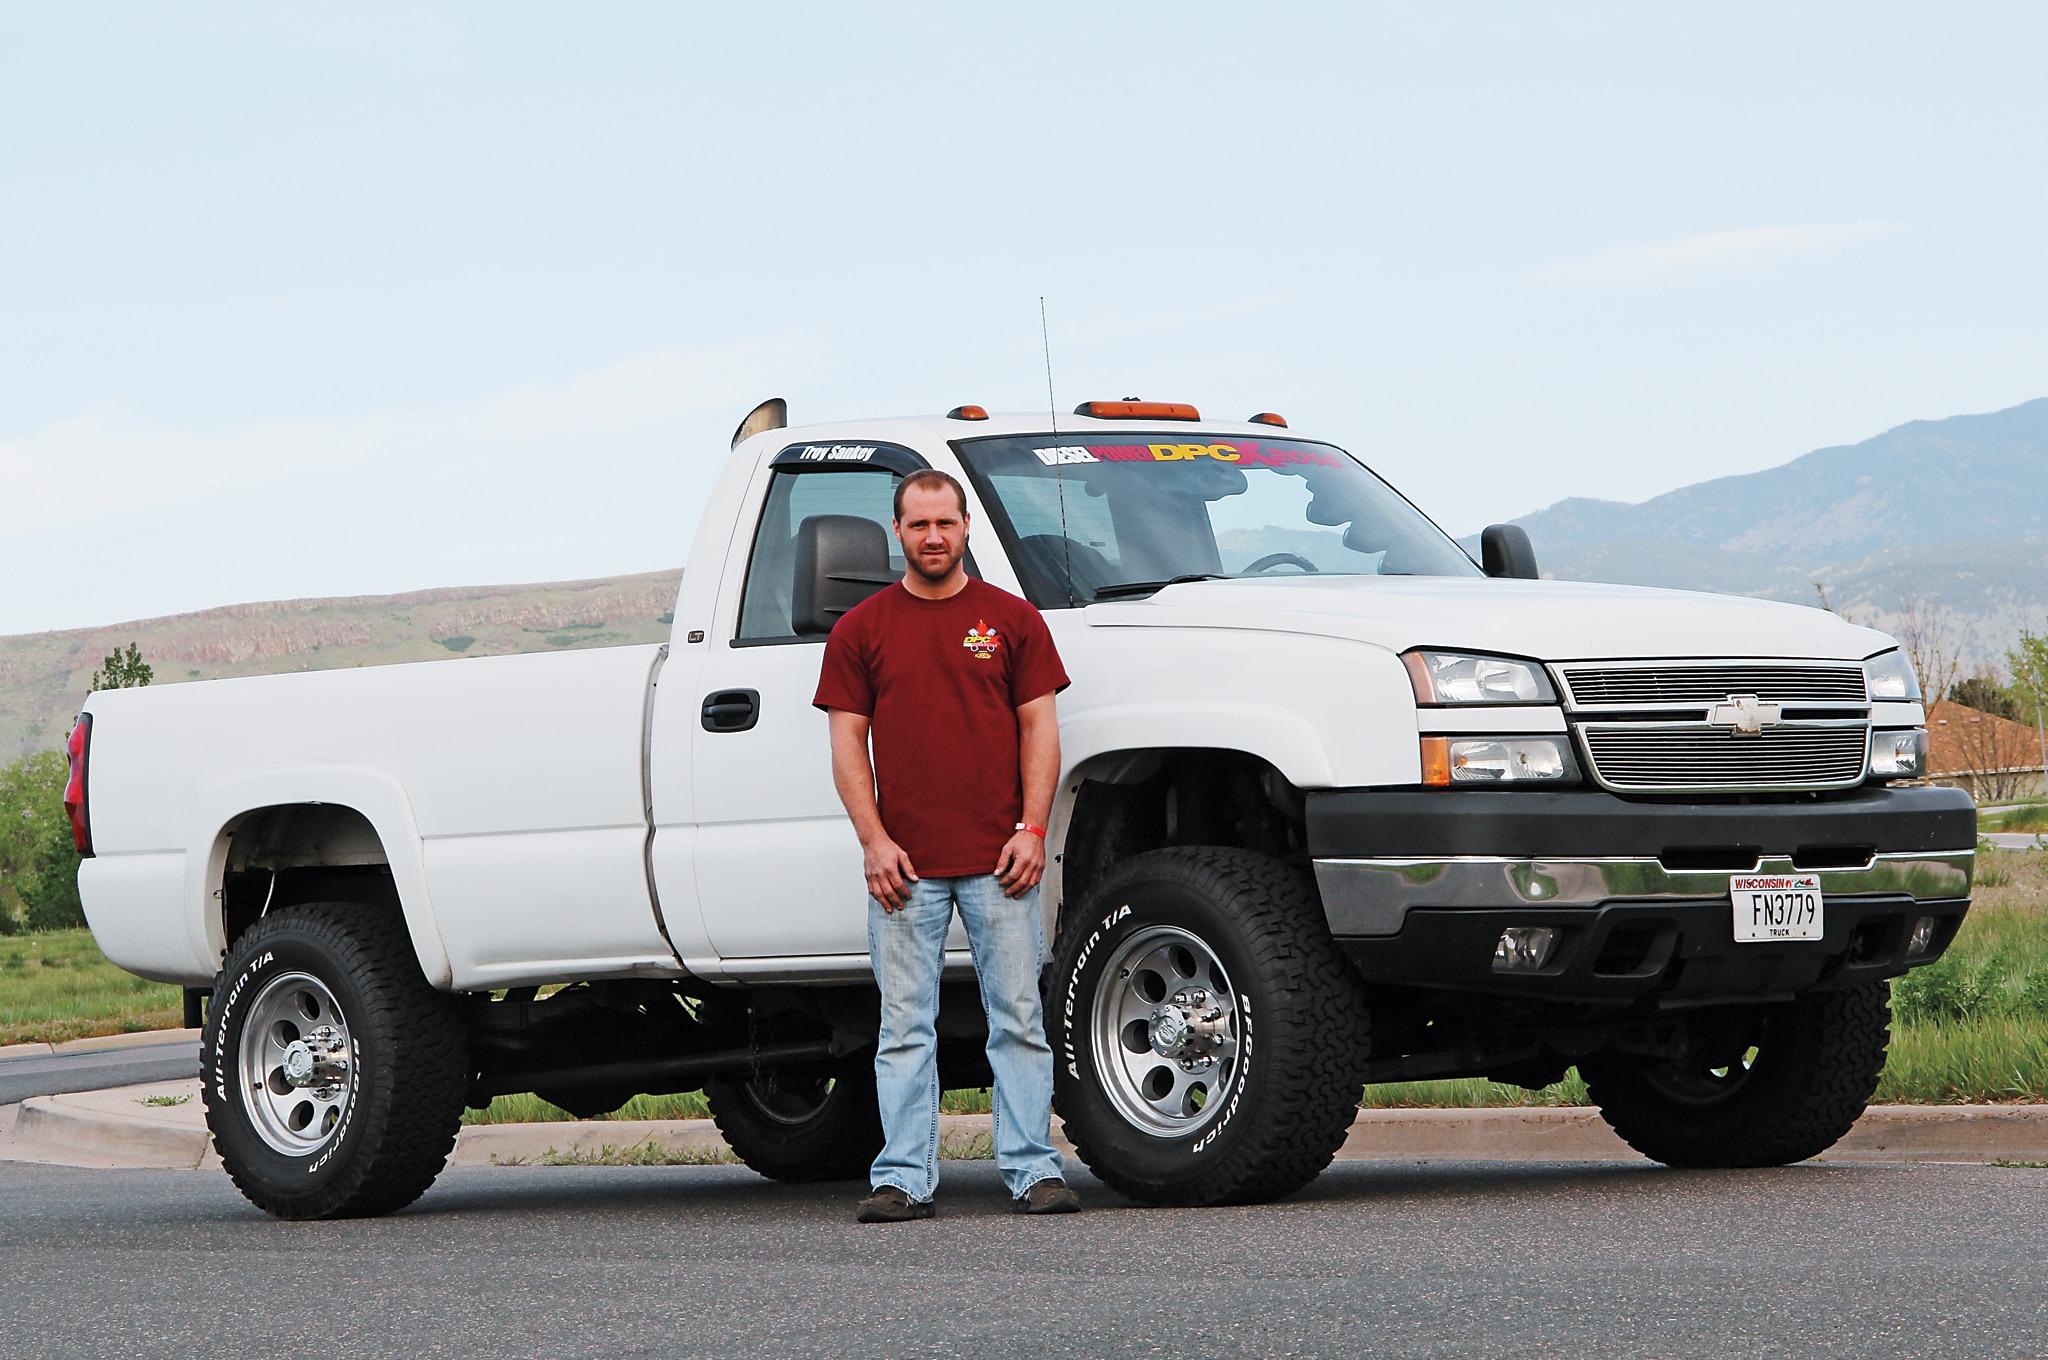 2006 Chevrolet Silverado 2500hd 7 1l Duramax Diesel Power Challenge 2014 Competitor